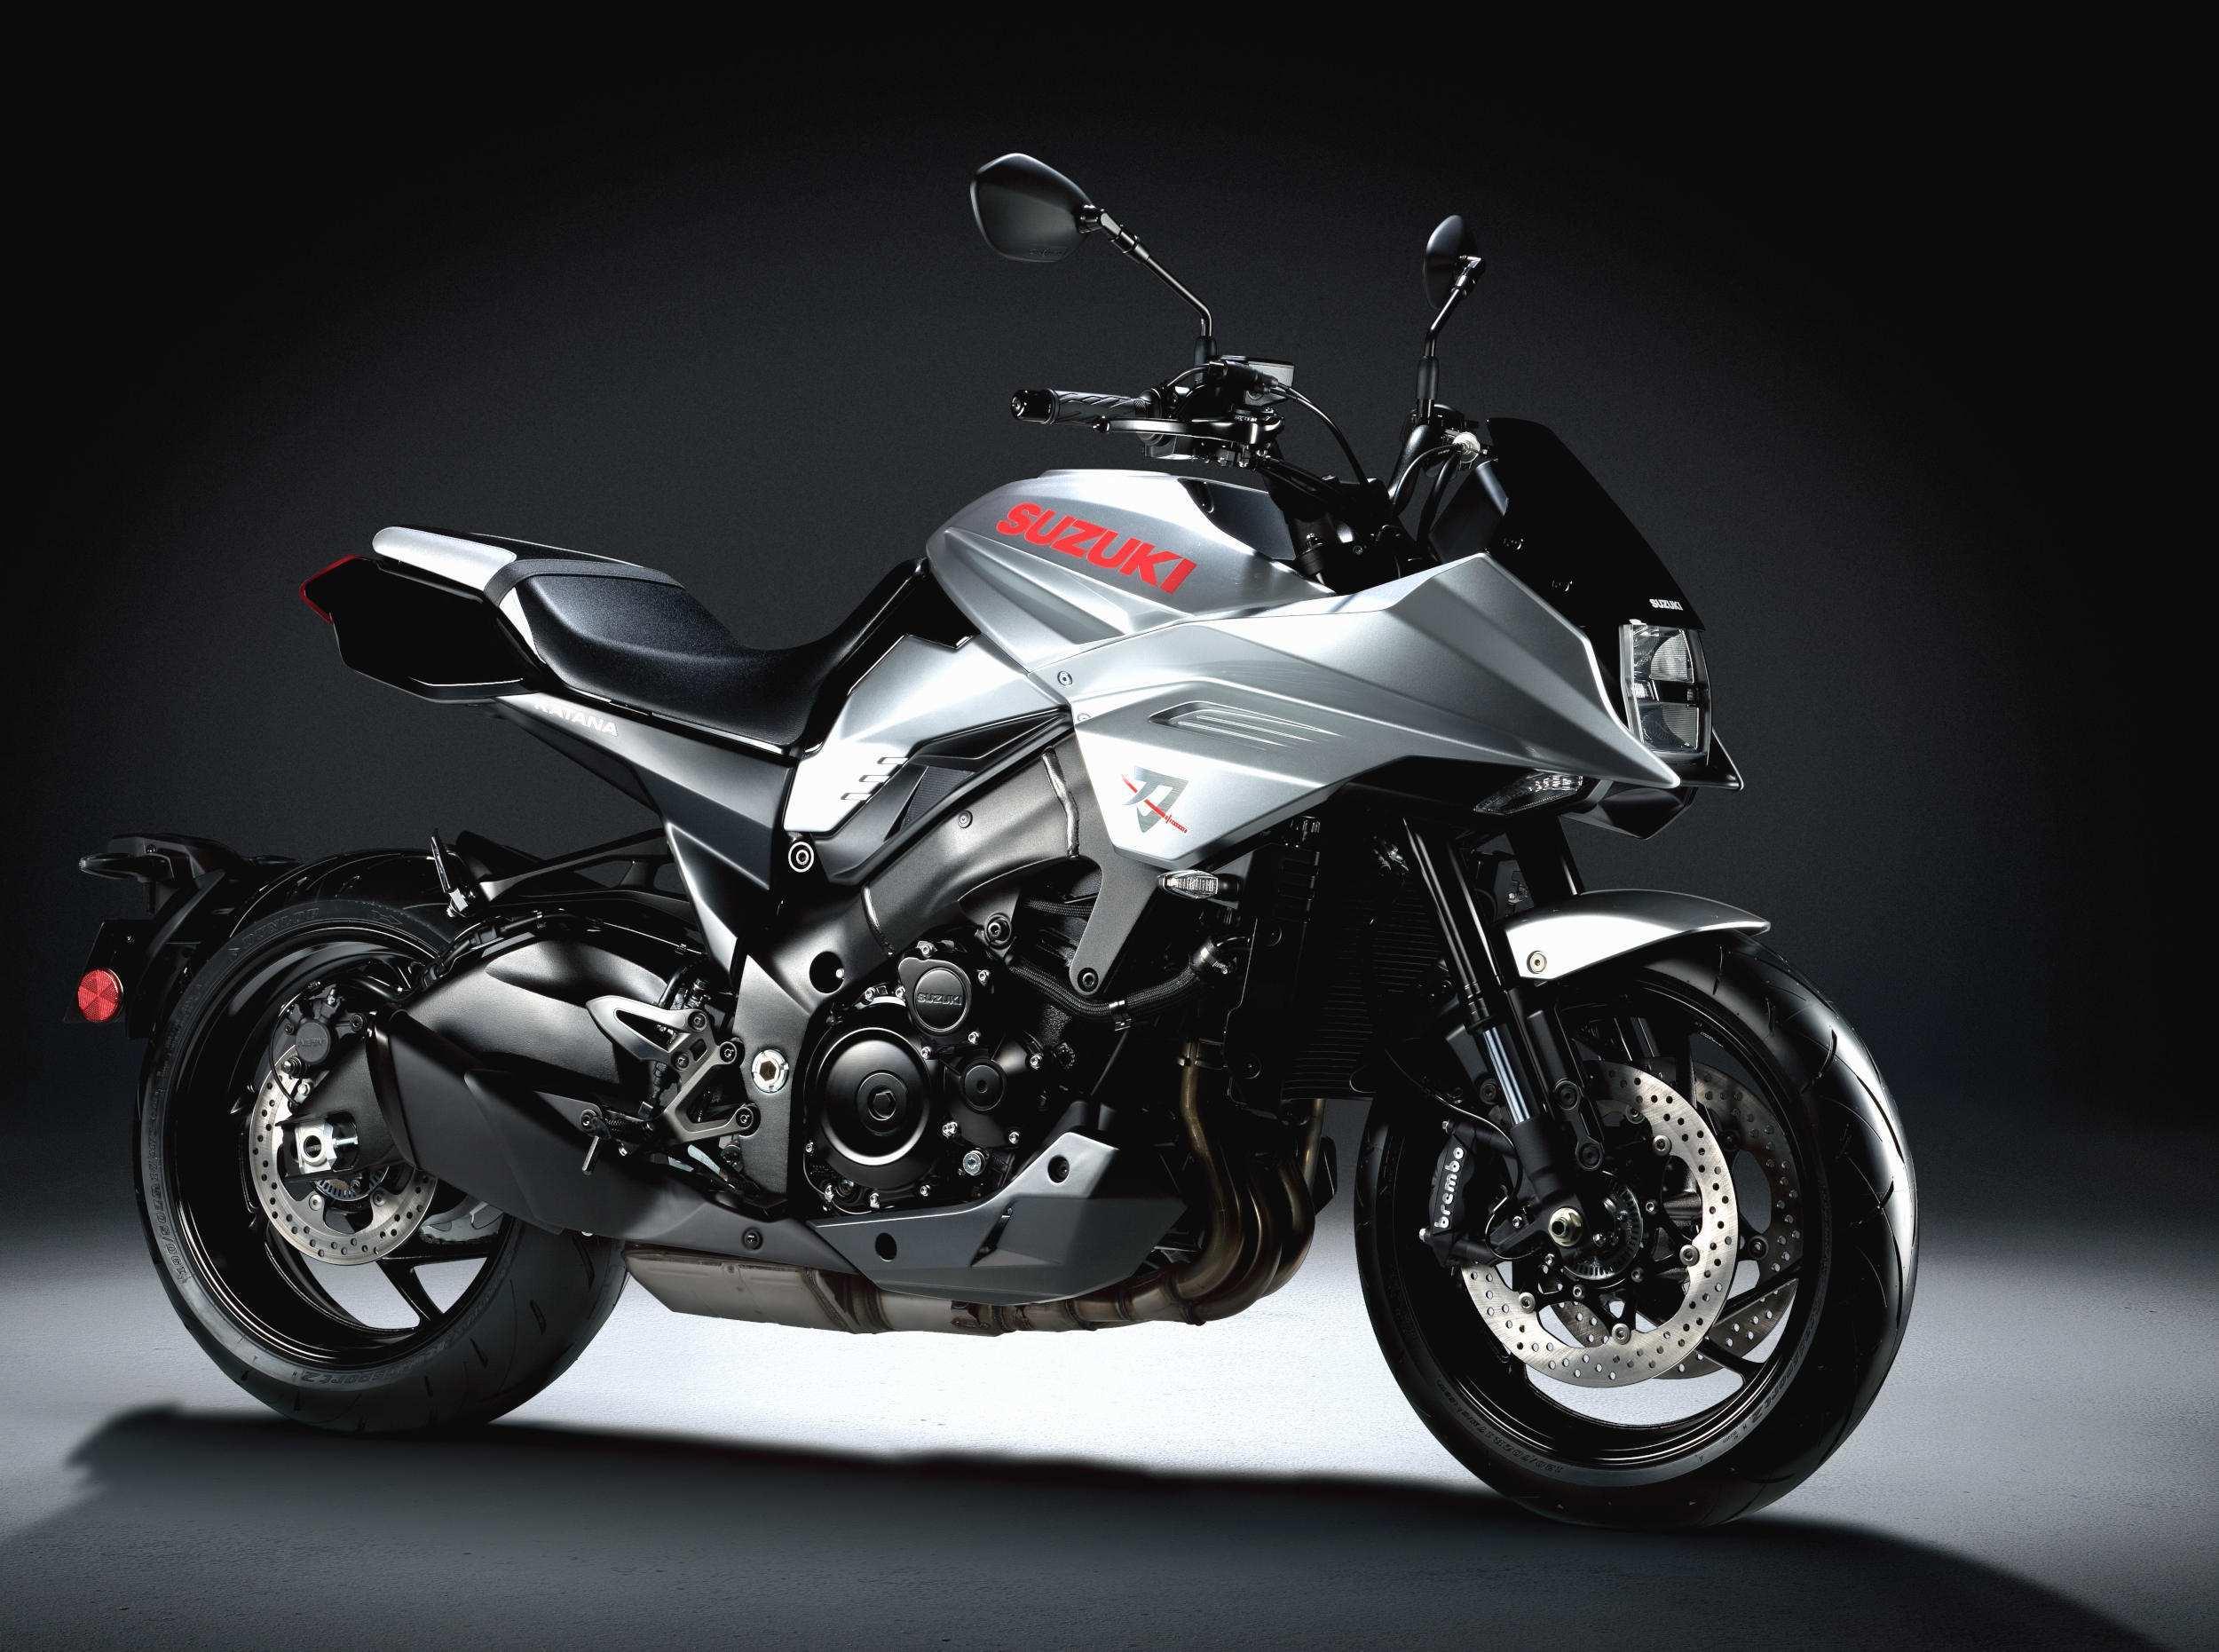 27 All New Motor Suzuki 2020 Prices with Motor Suzuki 2020